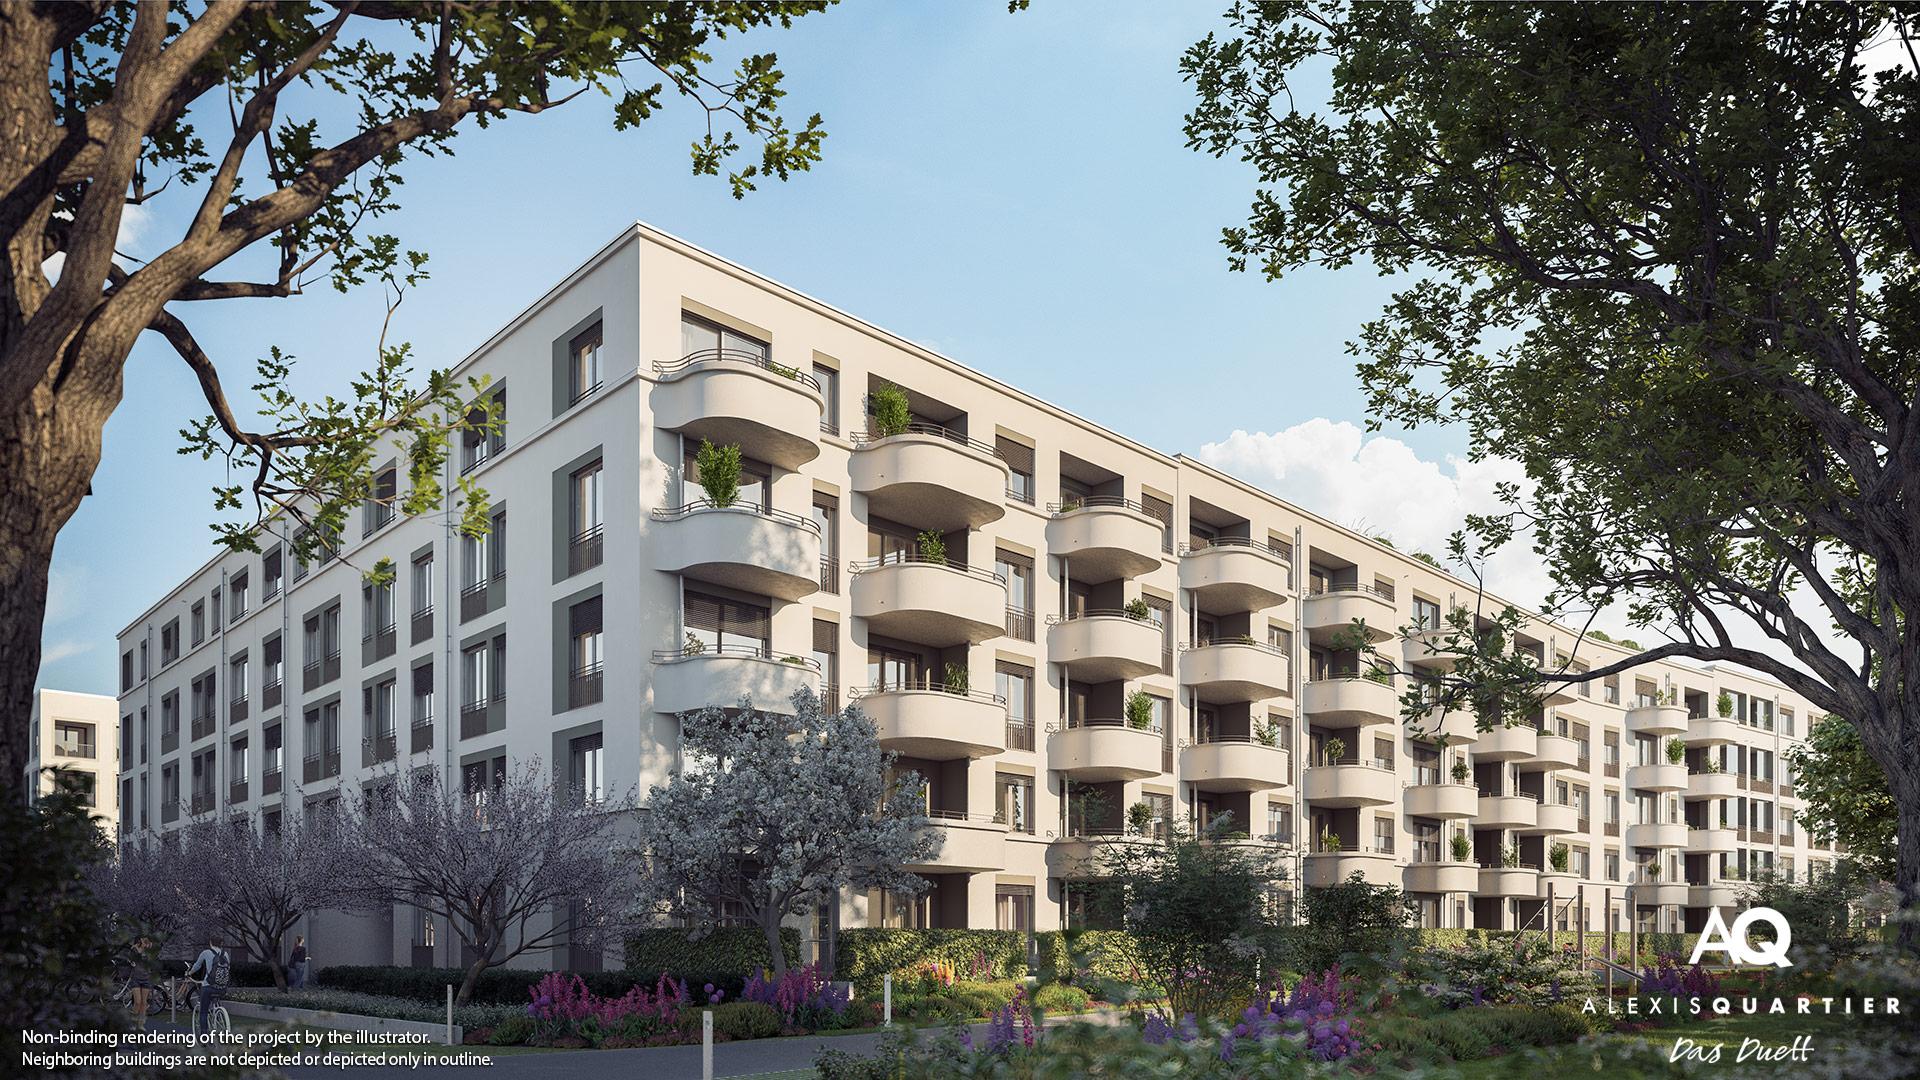 Condominiums Alexisquartier - Das Duett - Illustration 2